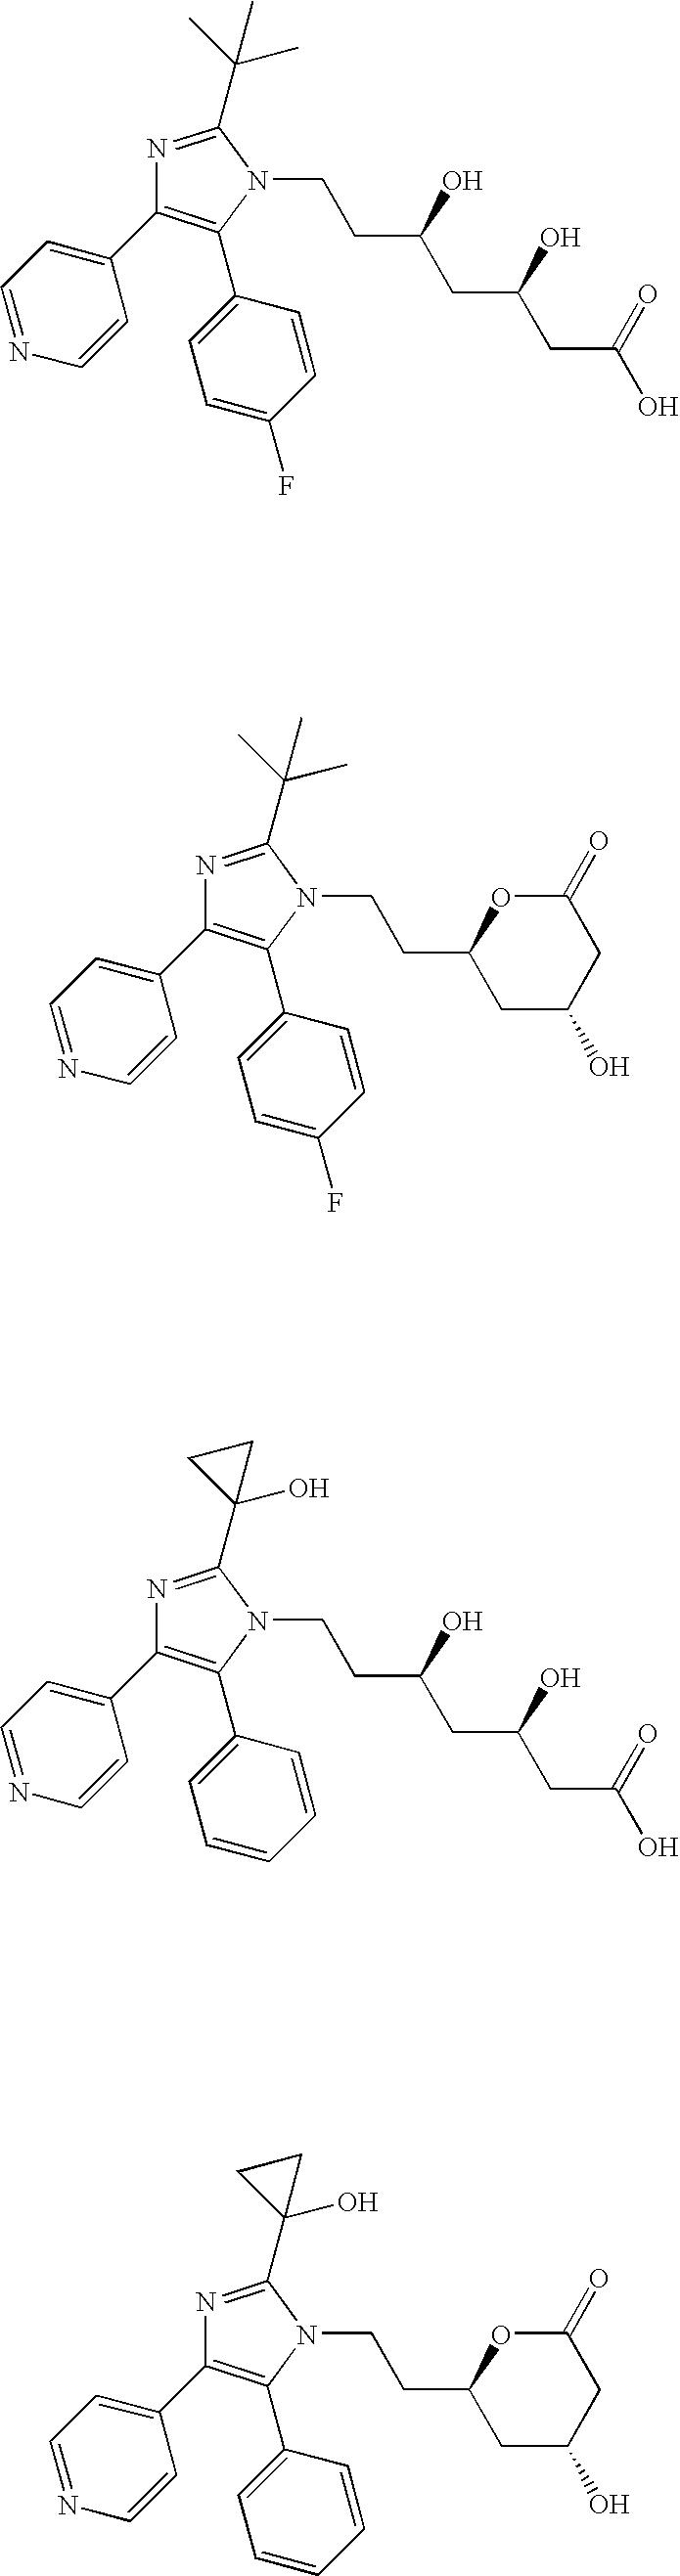 Figure US20050261354A1-20051124-C00065